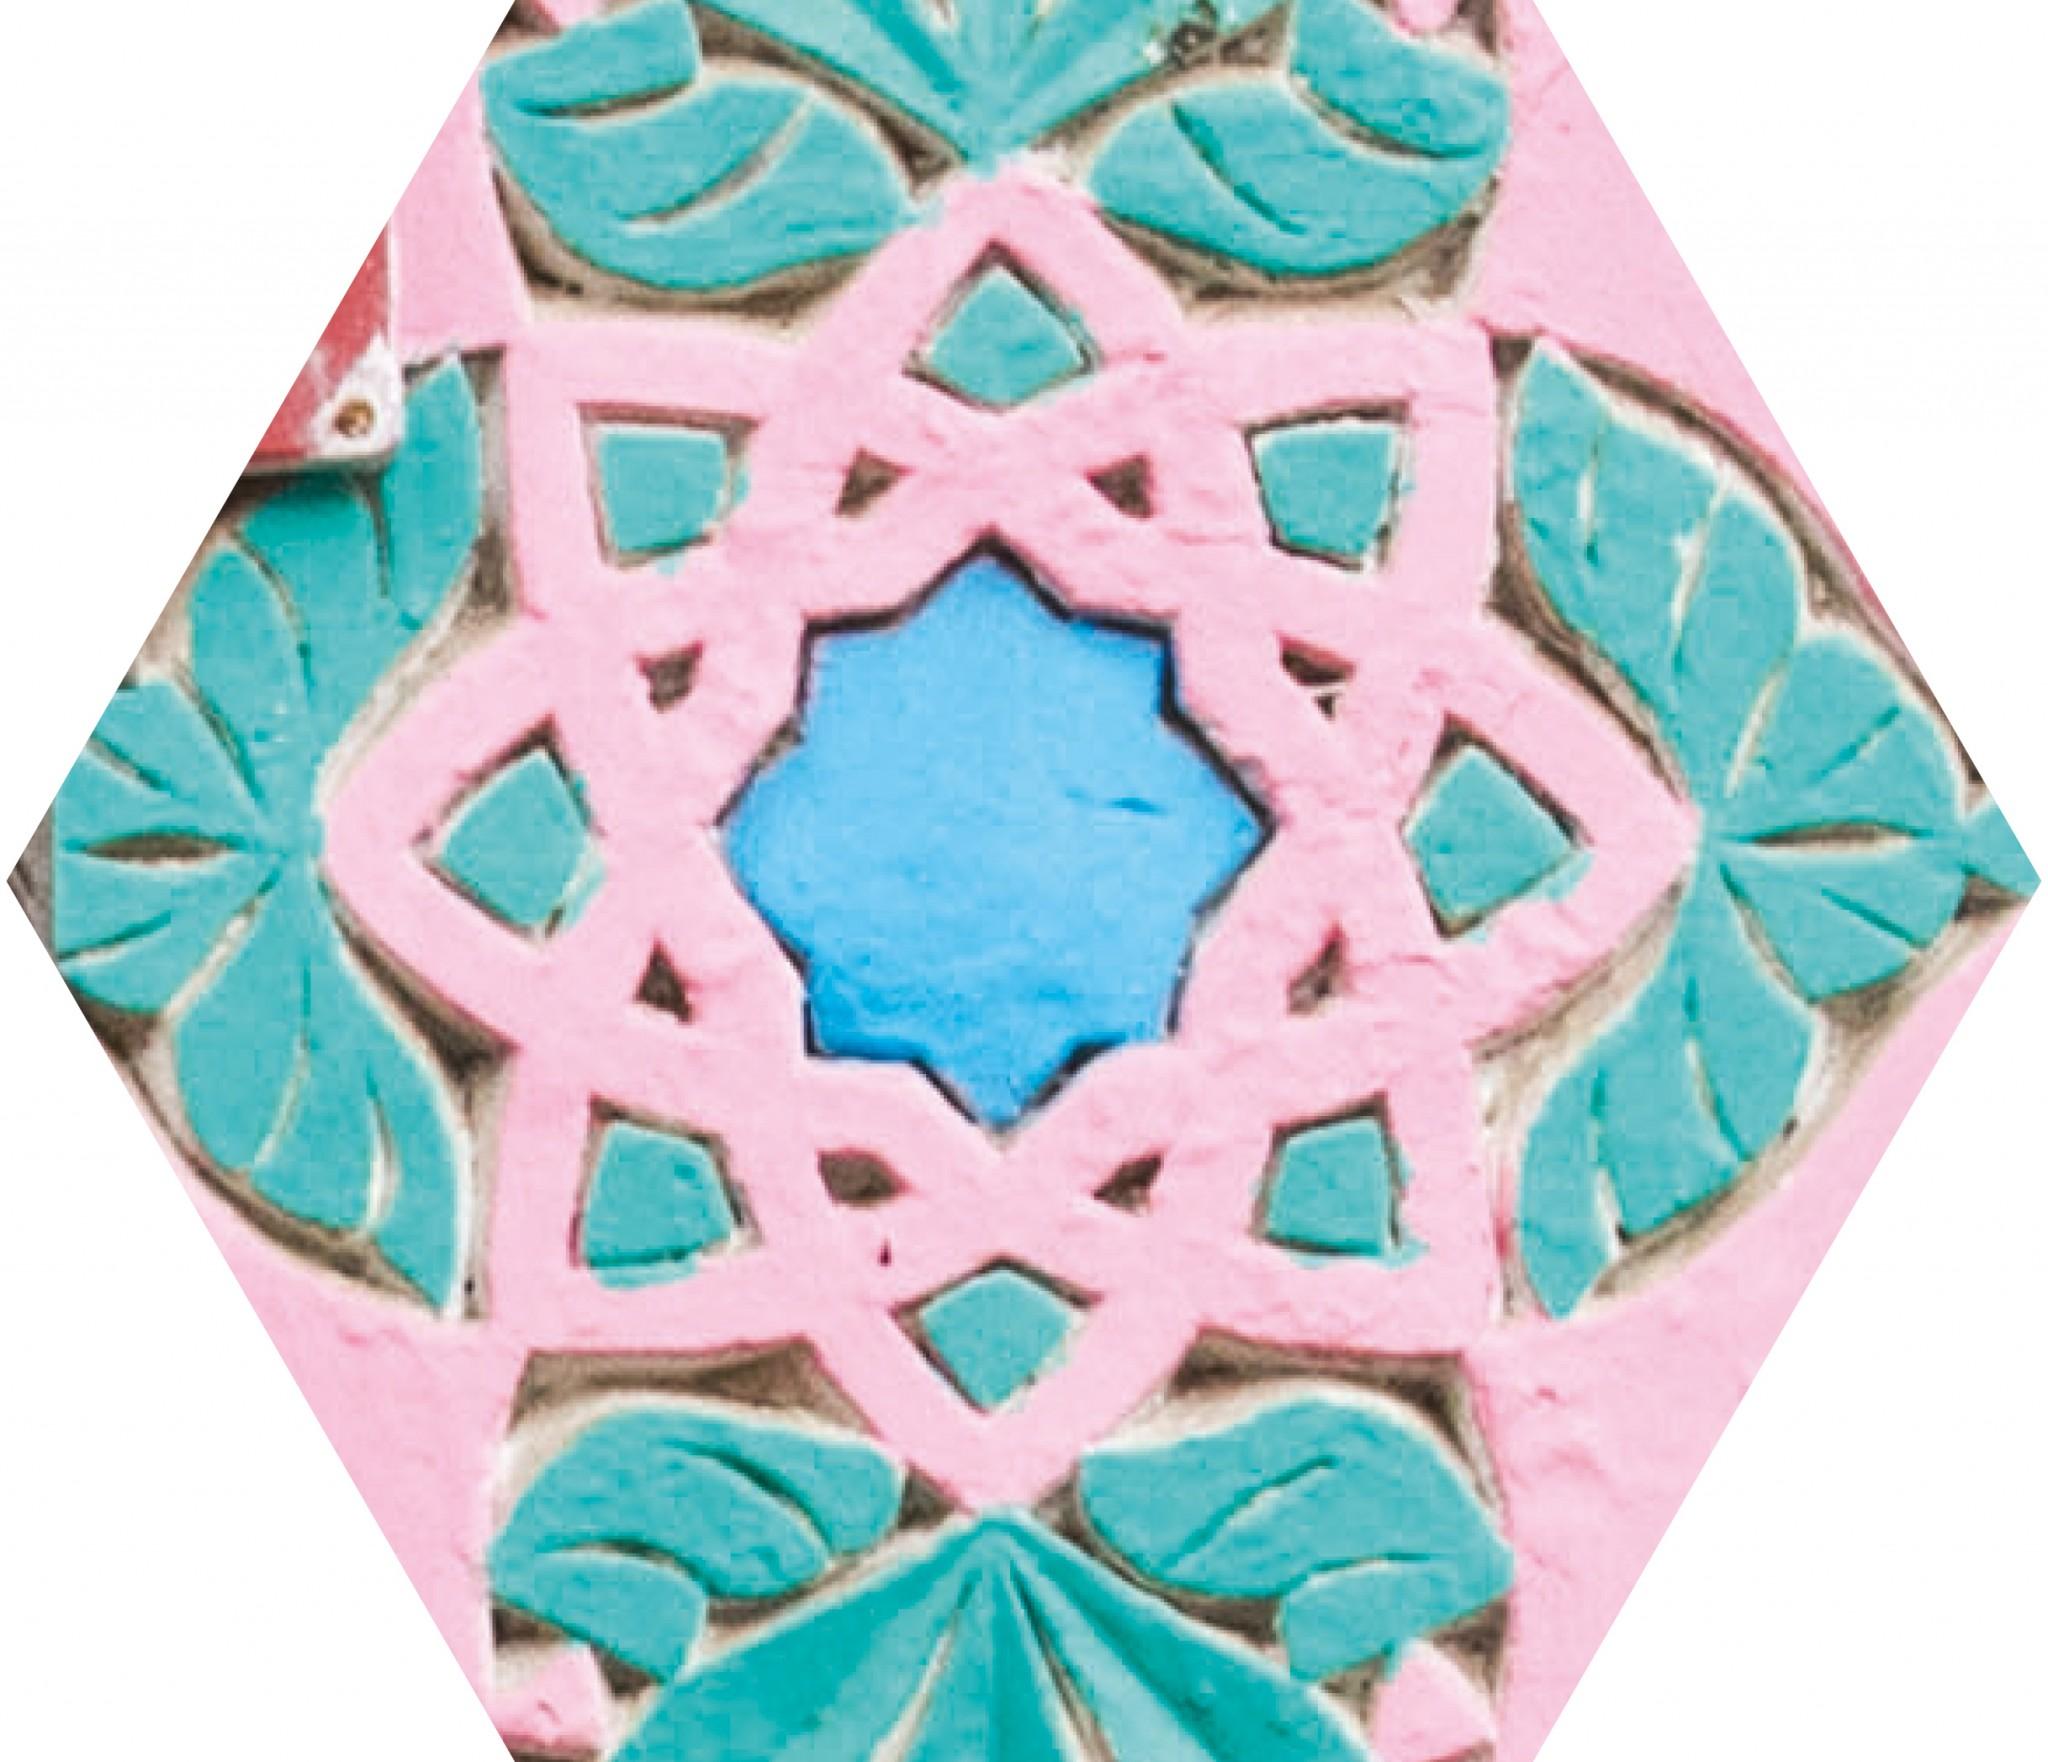 Closeup image of a ornament